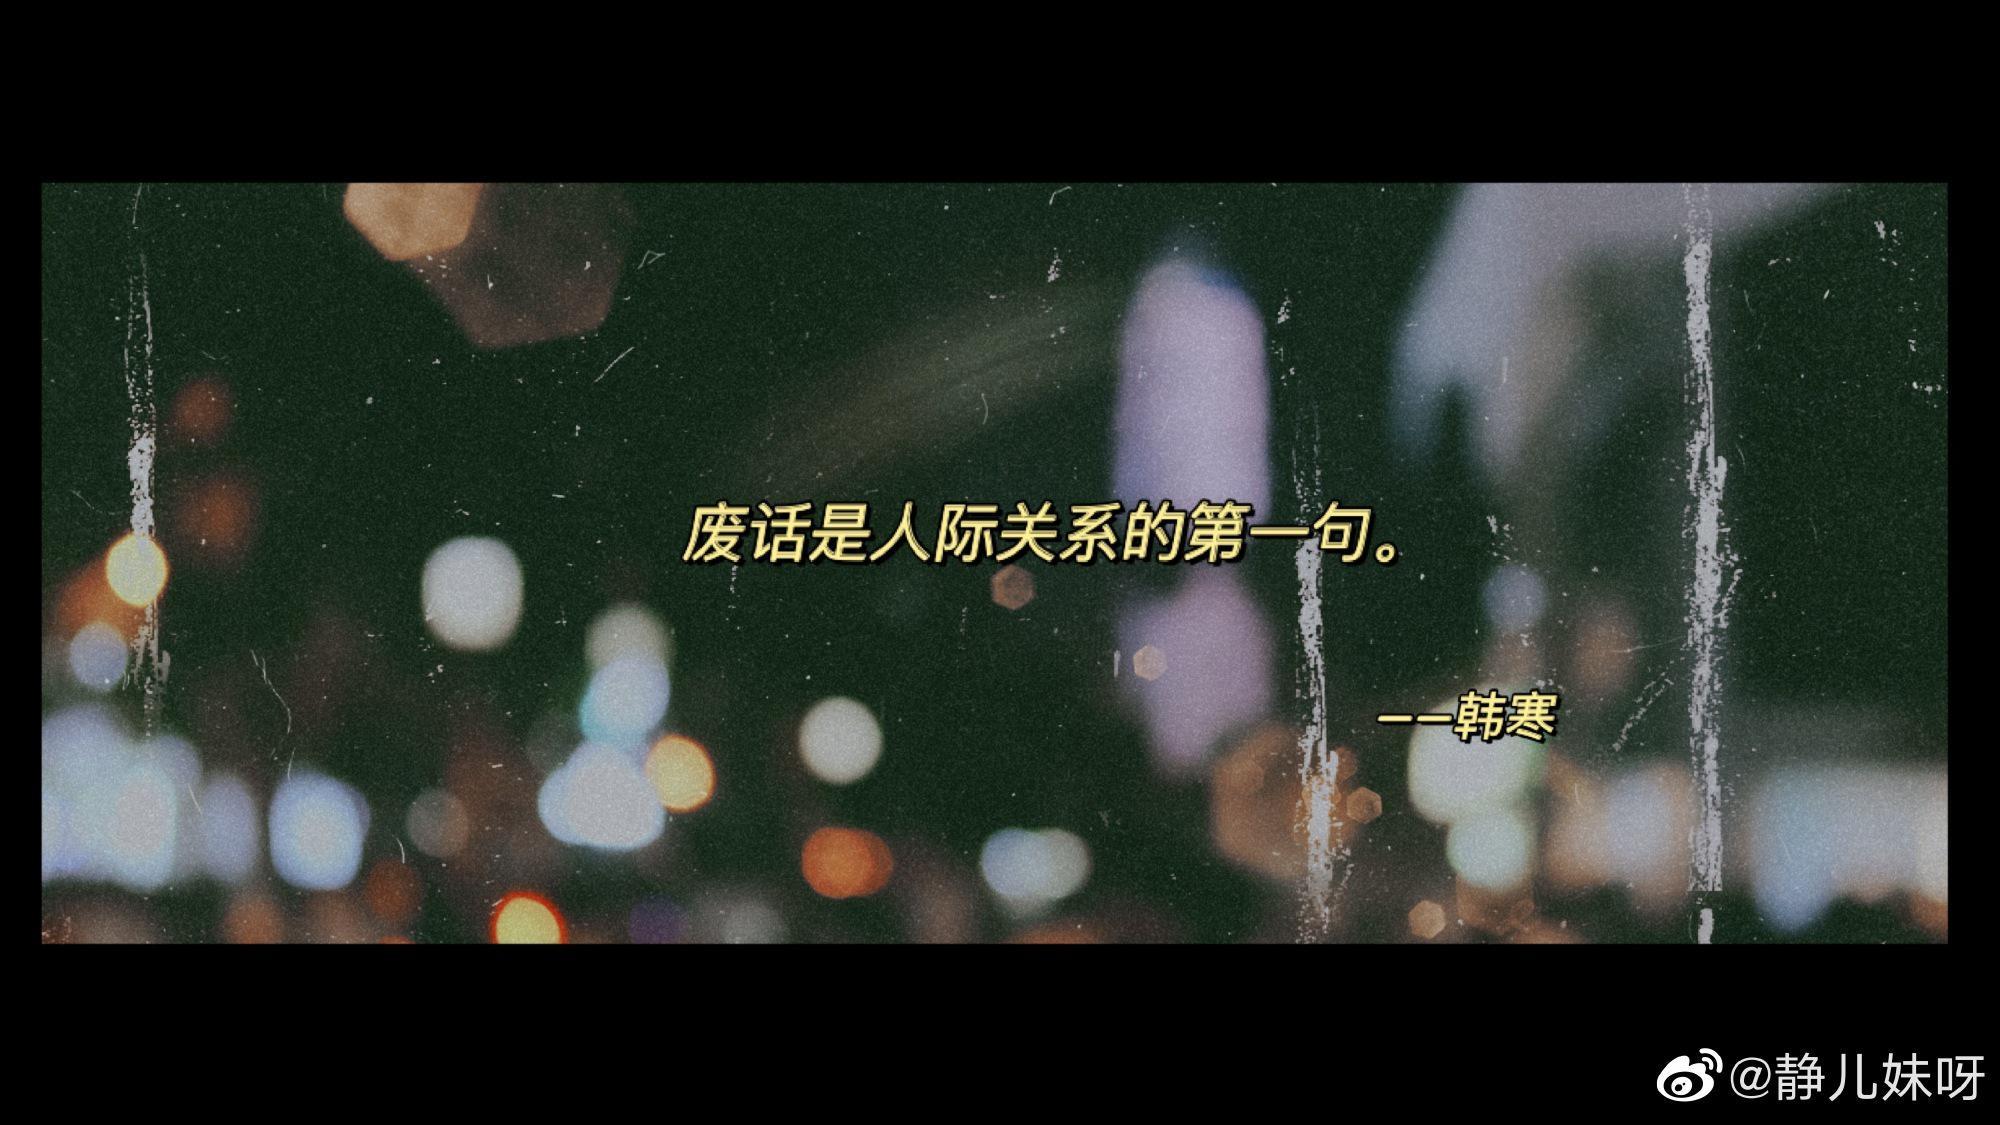 读书 9句韩寒经典语录 他的句子和他的电影一样~现实